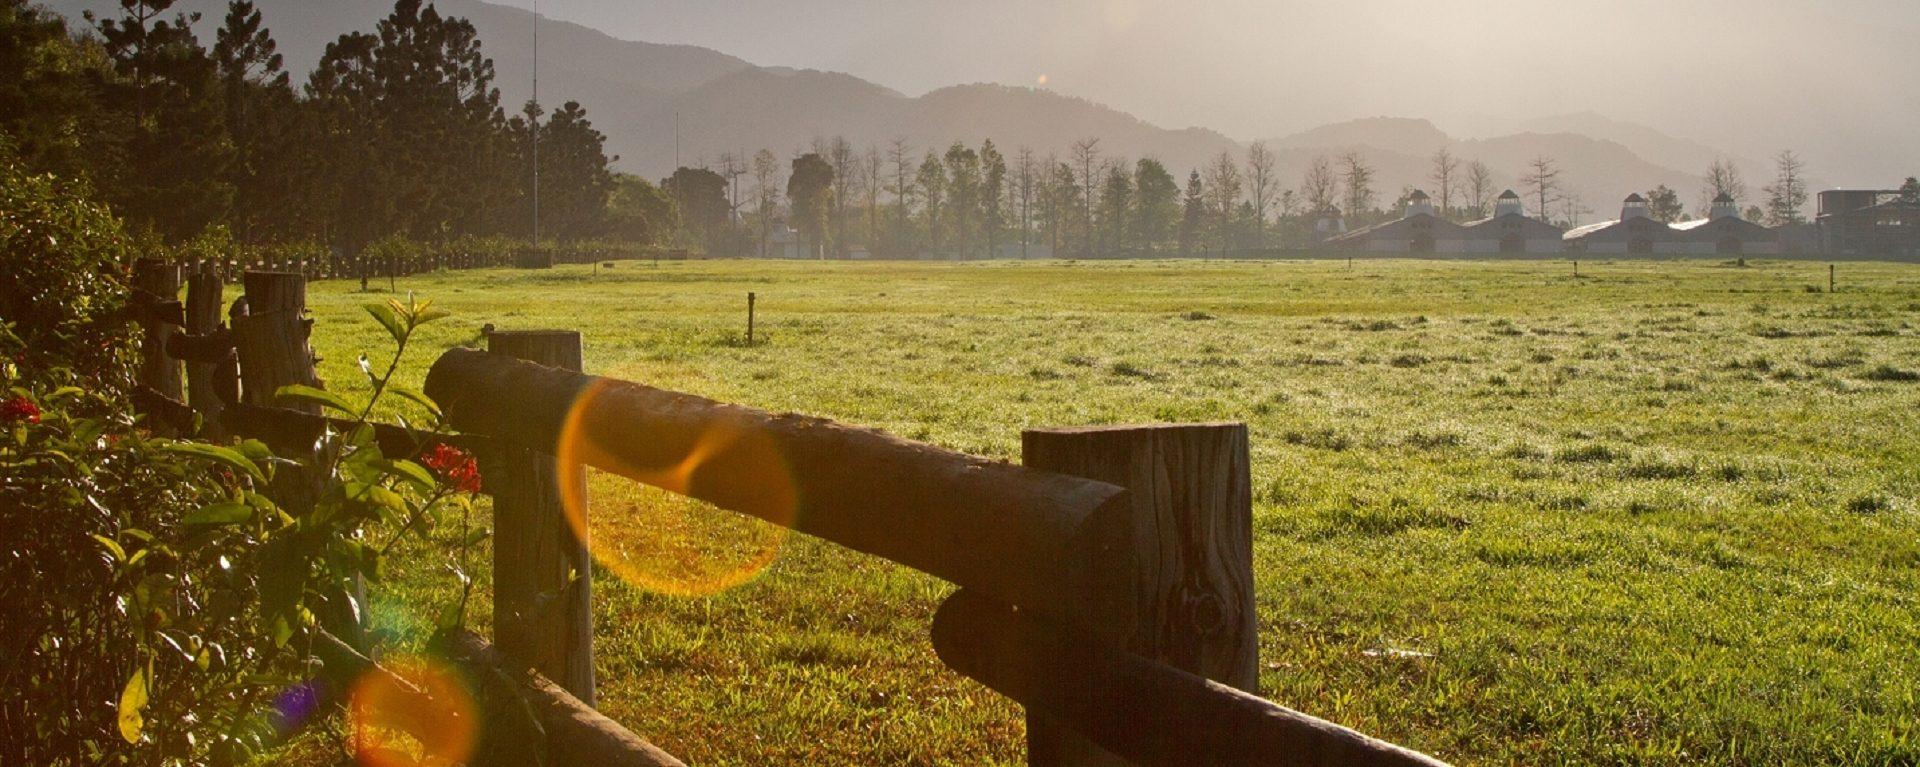 欄杆旁清晨陽光灑落大草原